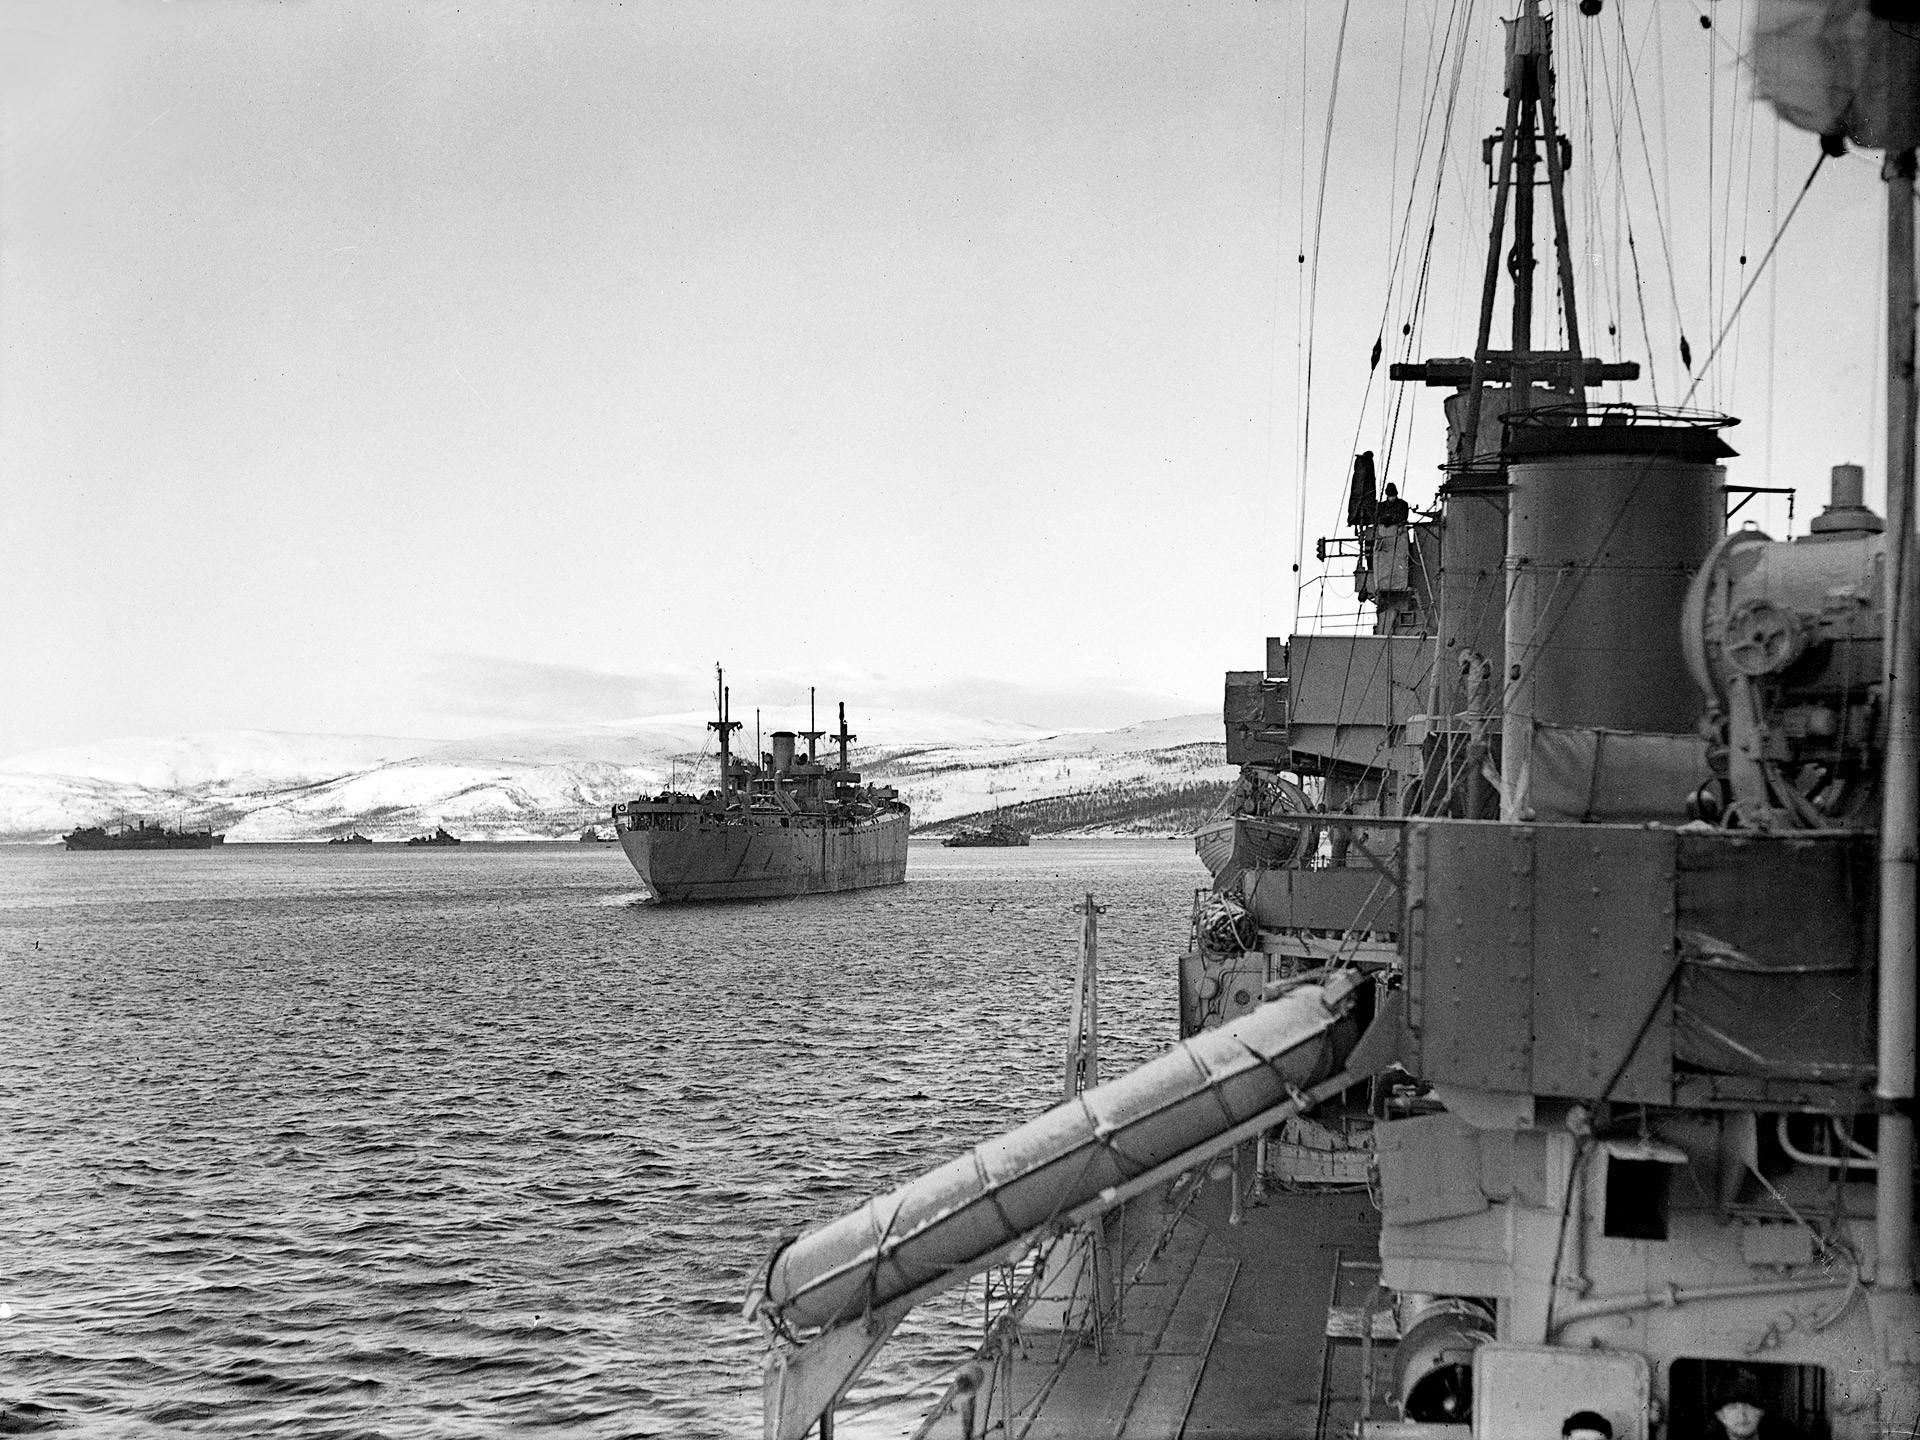 Конвојот RA-53 испловува од Колскиот залив, 1. март 1943 година.